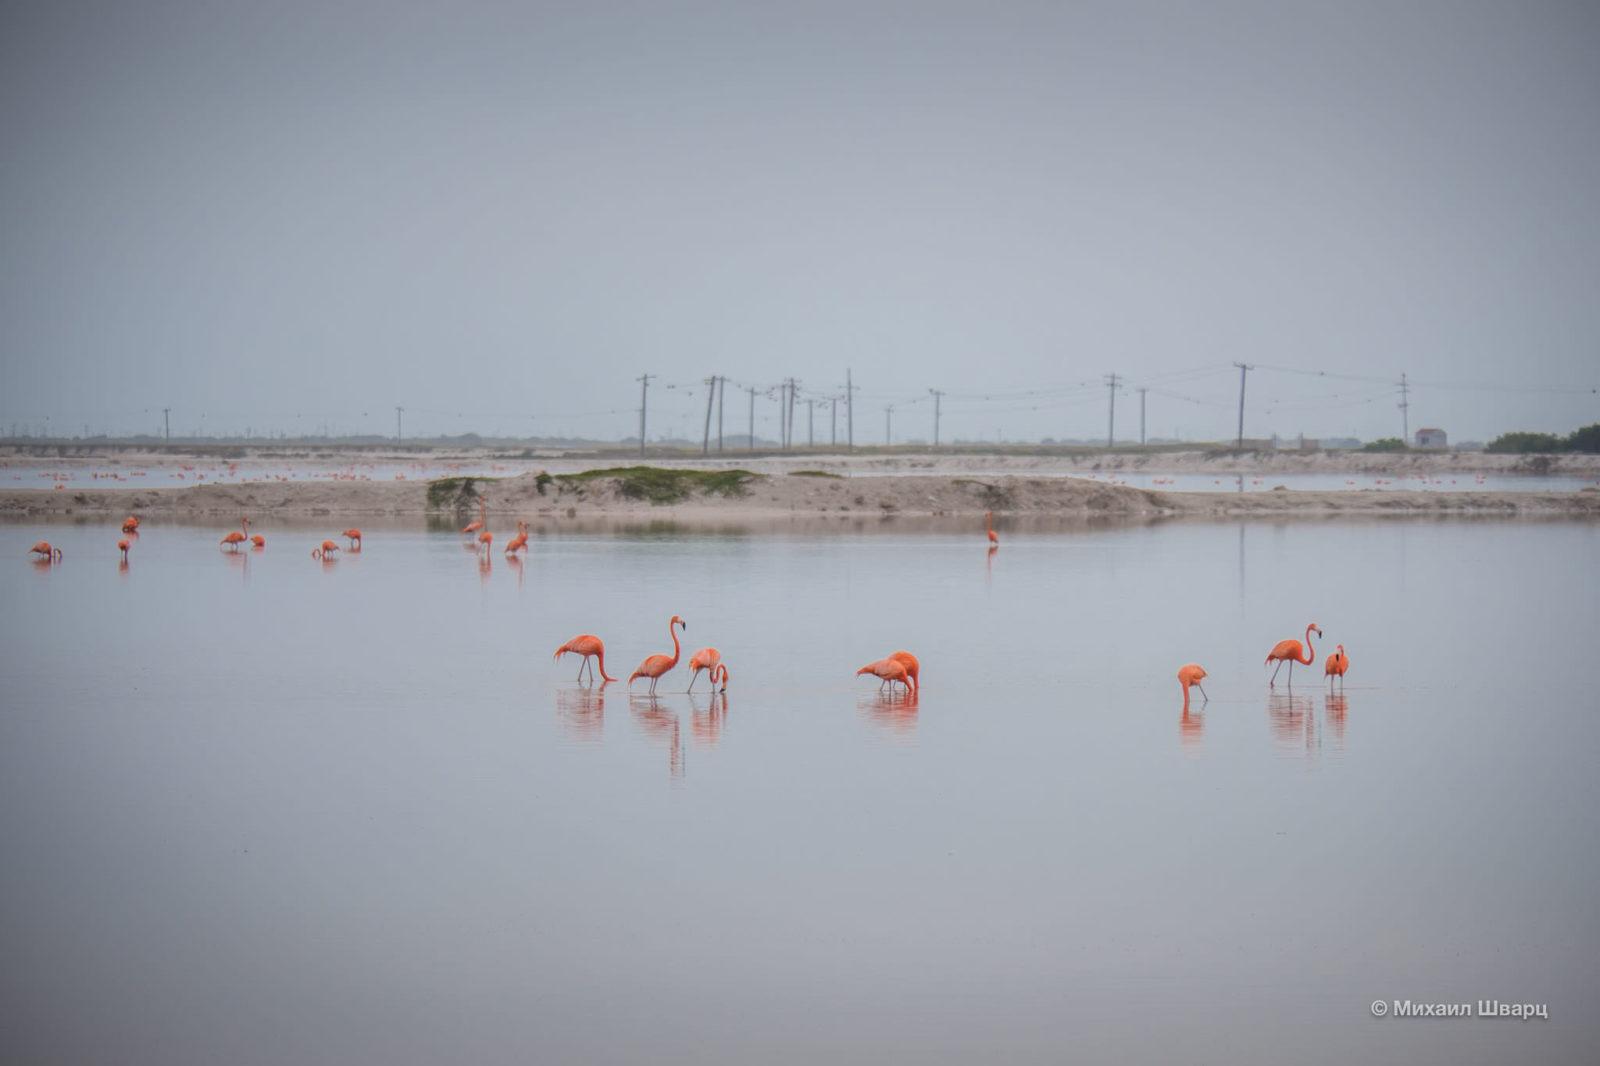 Розовые фламинго что-то жрут